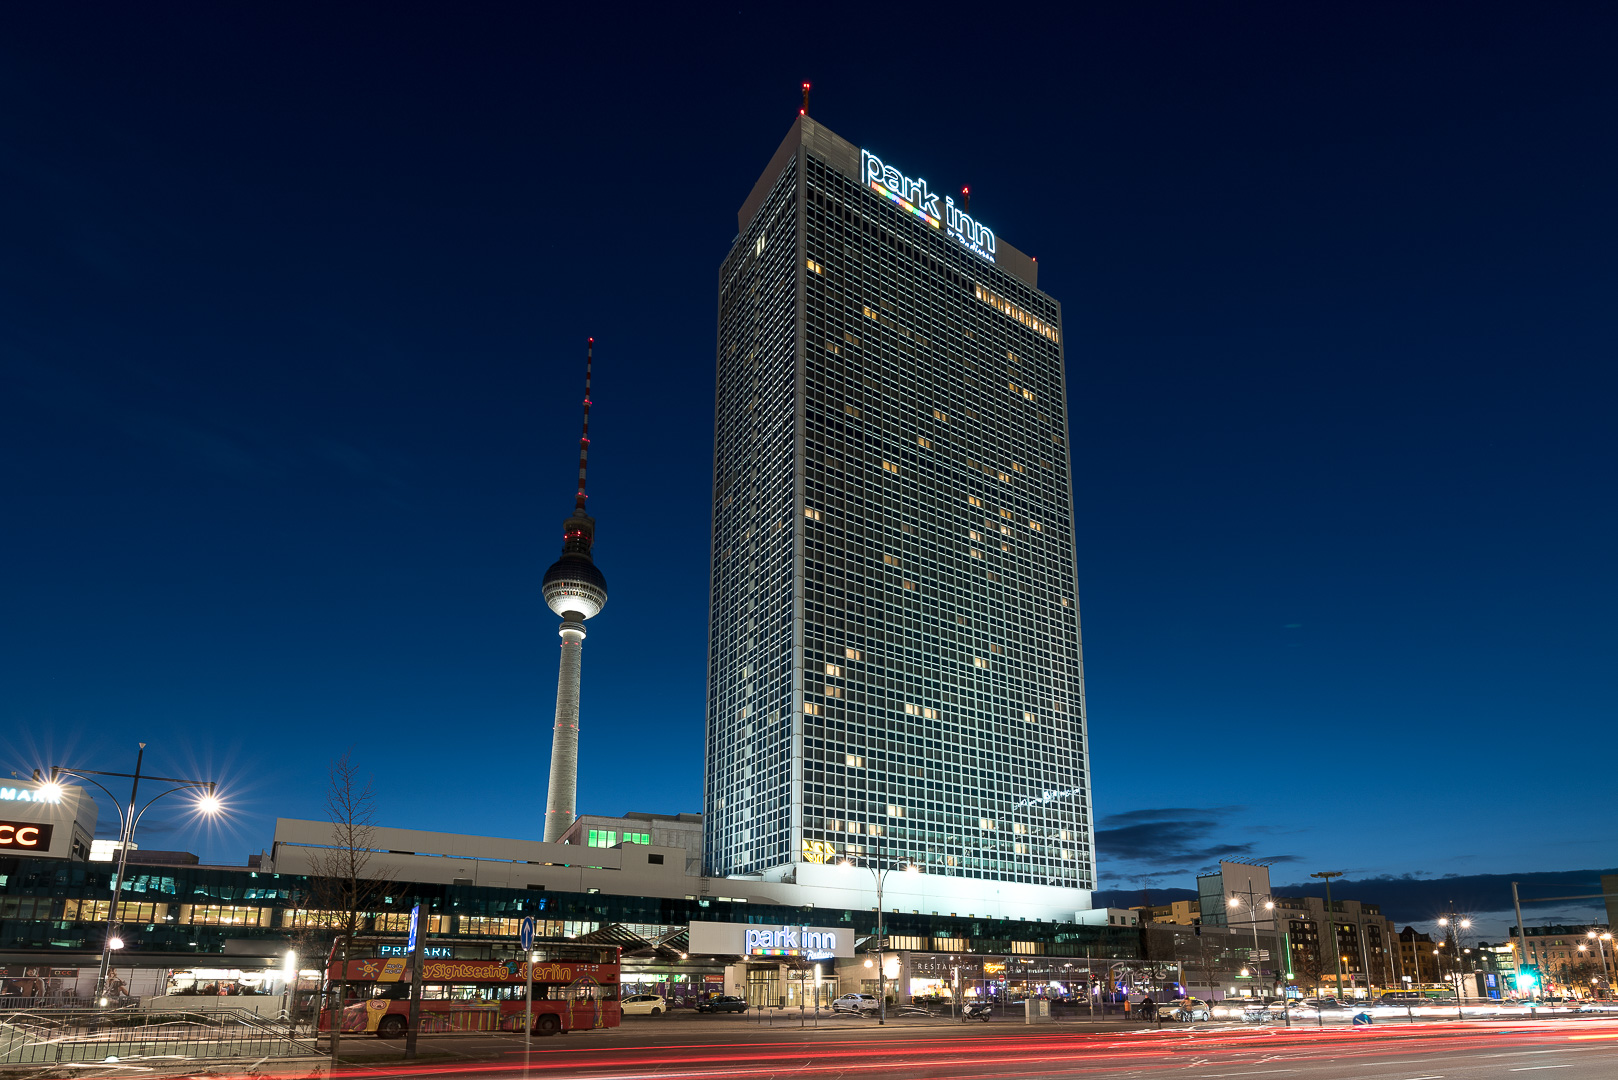 Hotel ParkInn Berlin Alexanderplatz, Fernsehturm